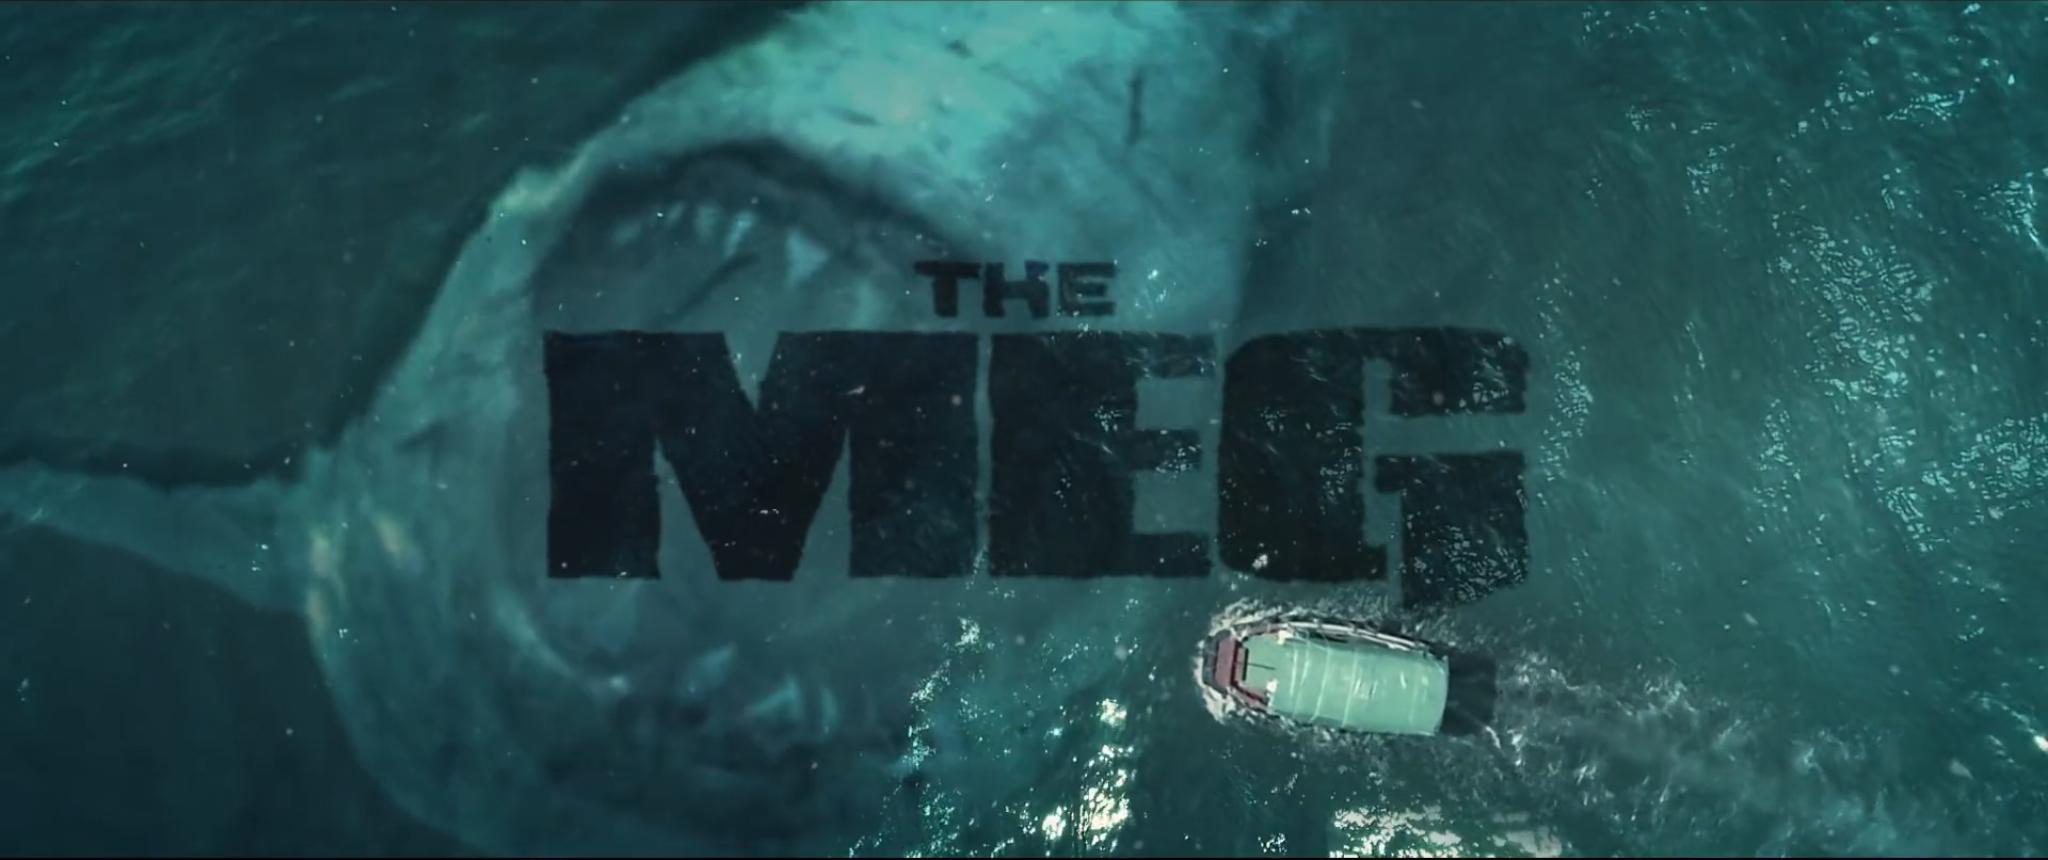 The Meg (film)